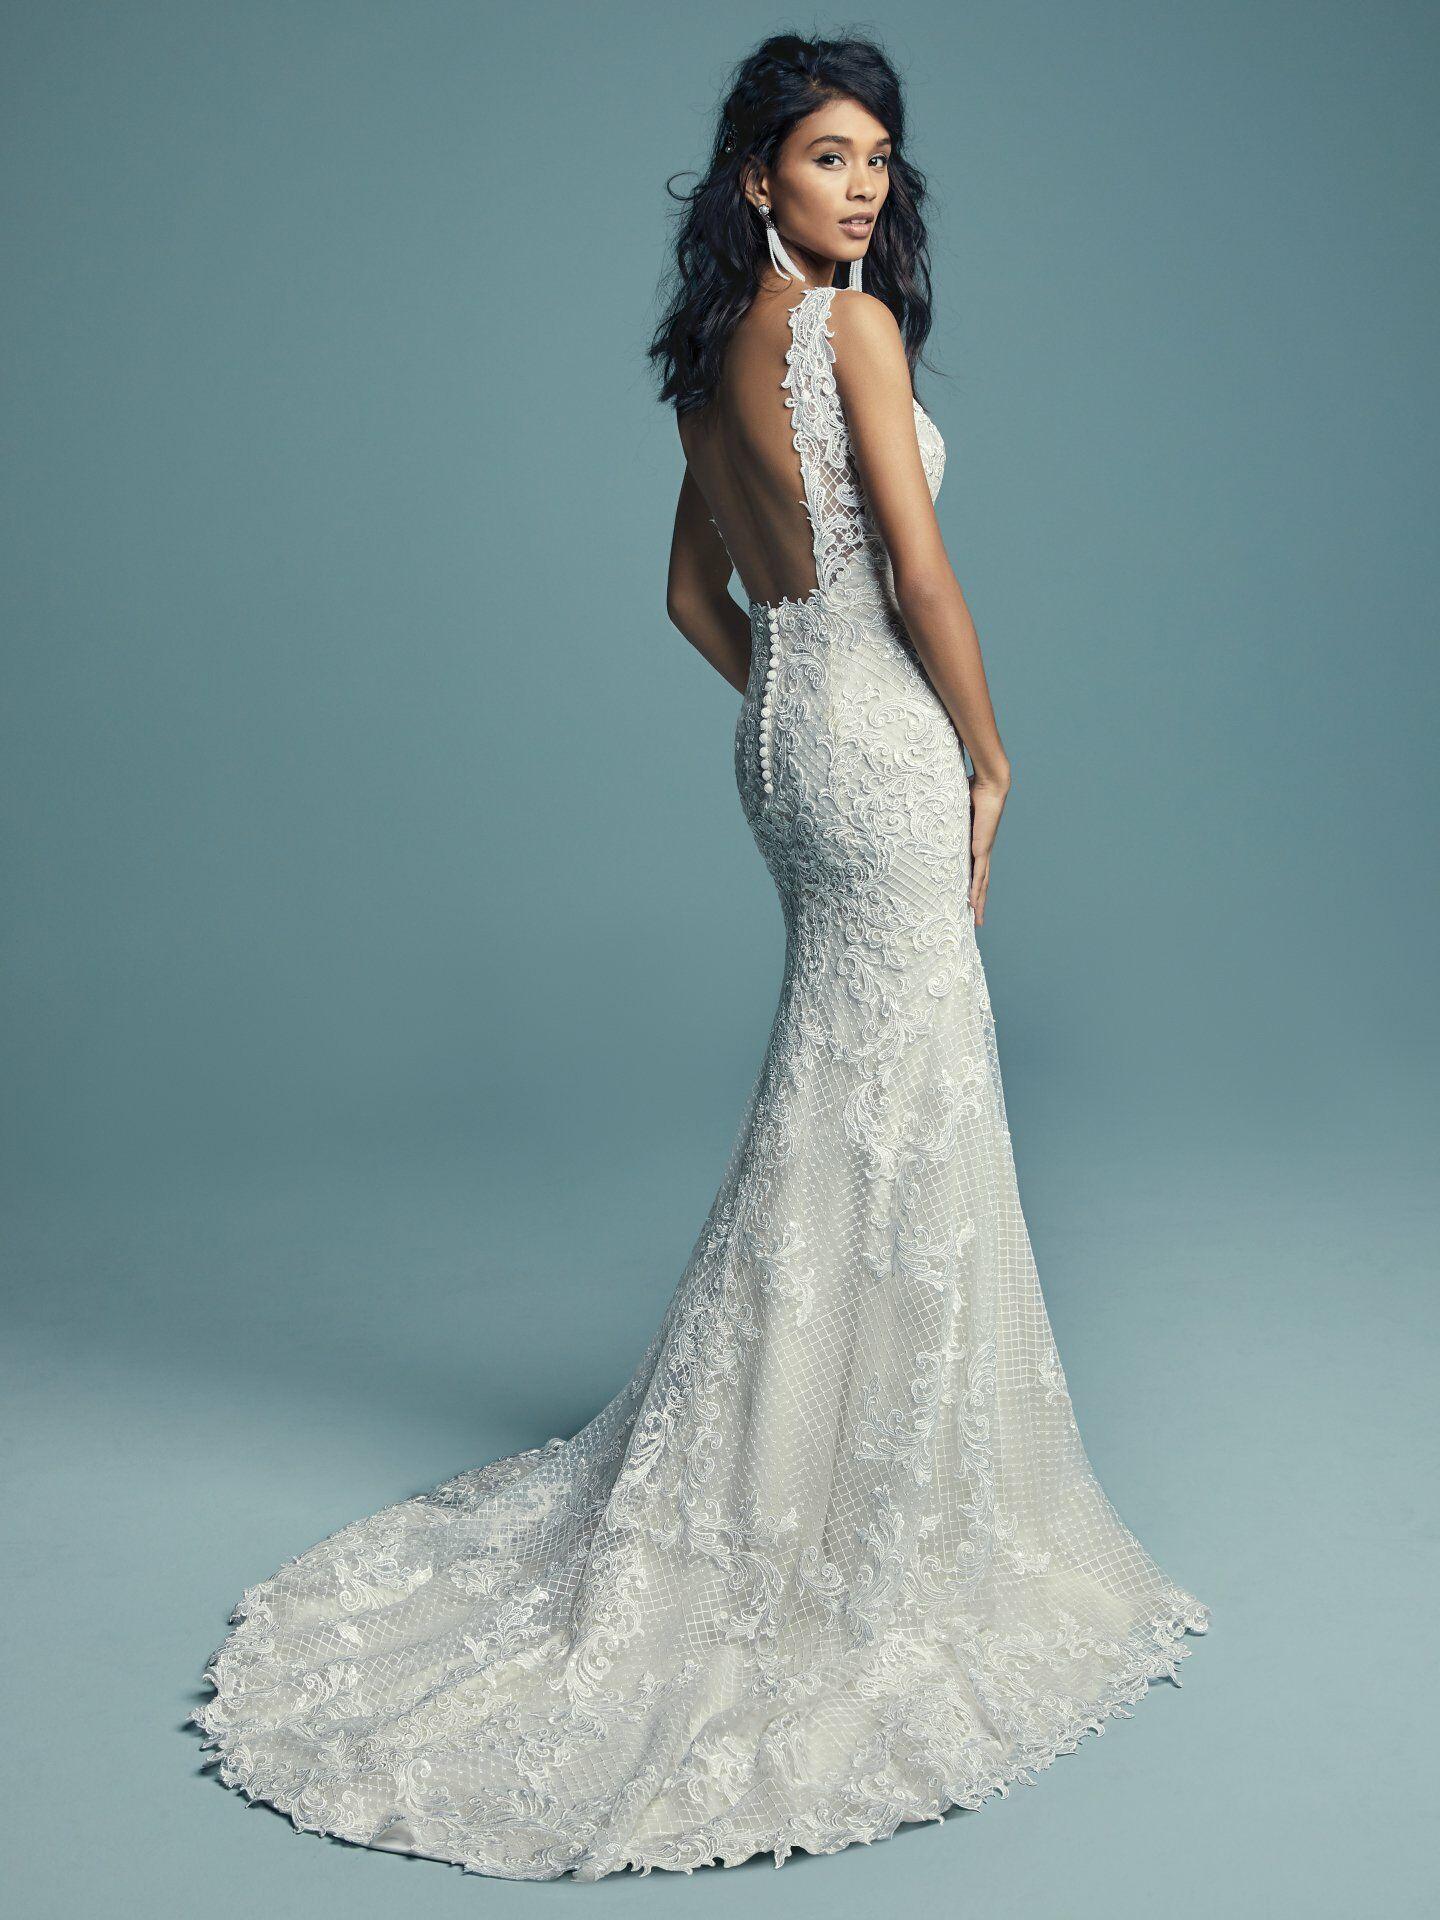 2cd4e4de29b Bravura Fashion Bridal Boutique